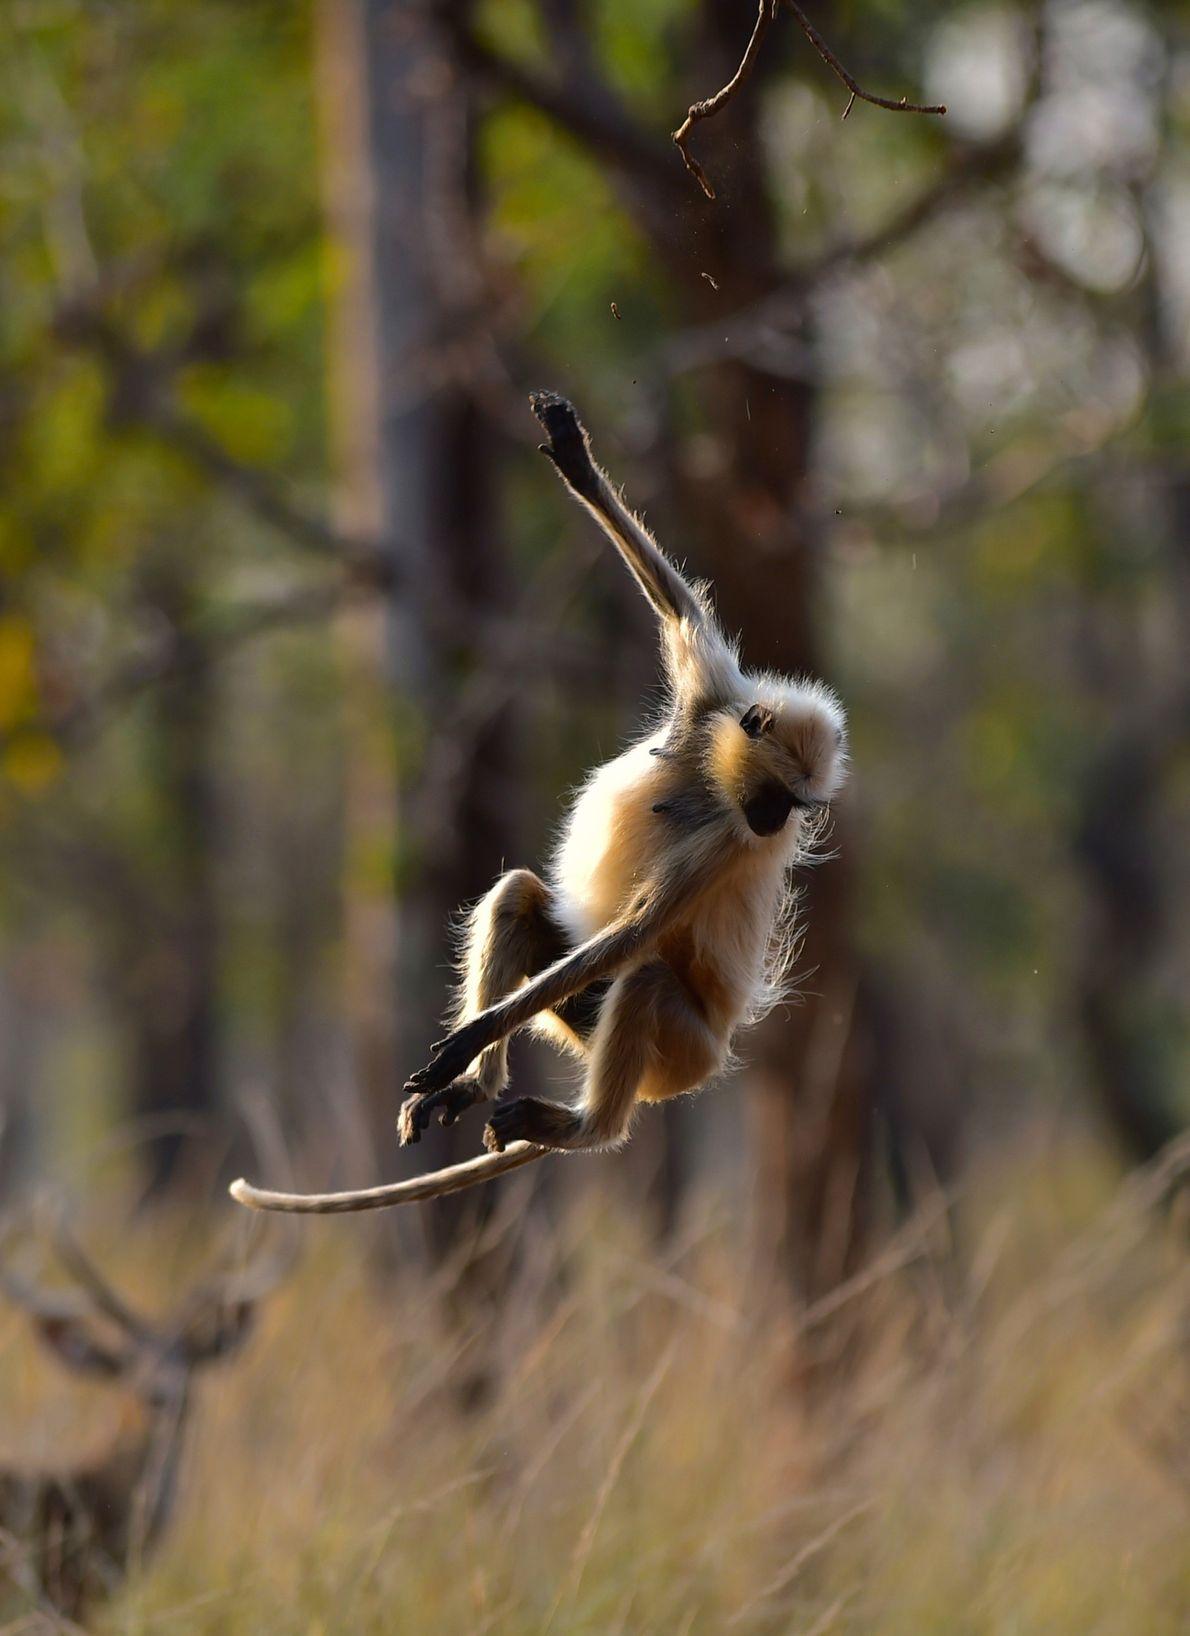 langur salta de um ramo de uma árvore em Madhya Pradesh, na Índia